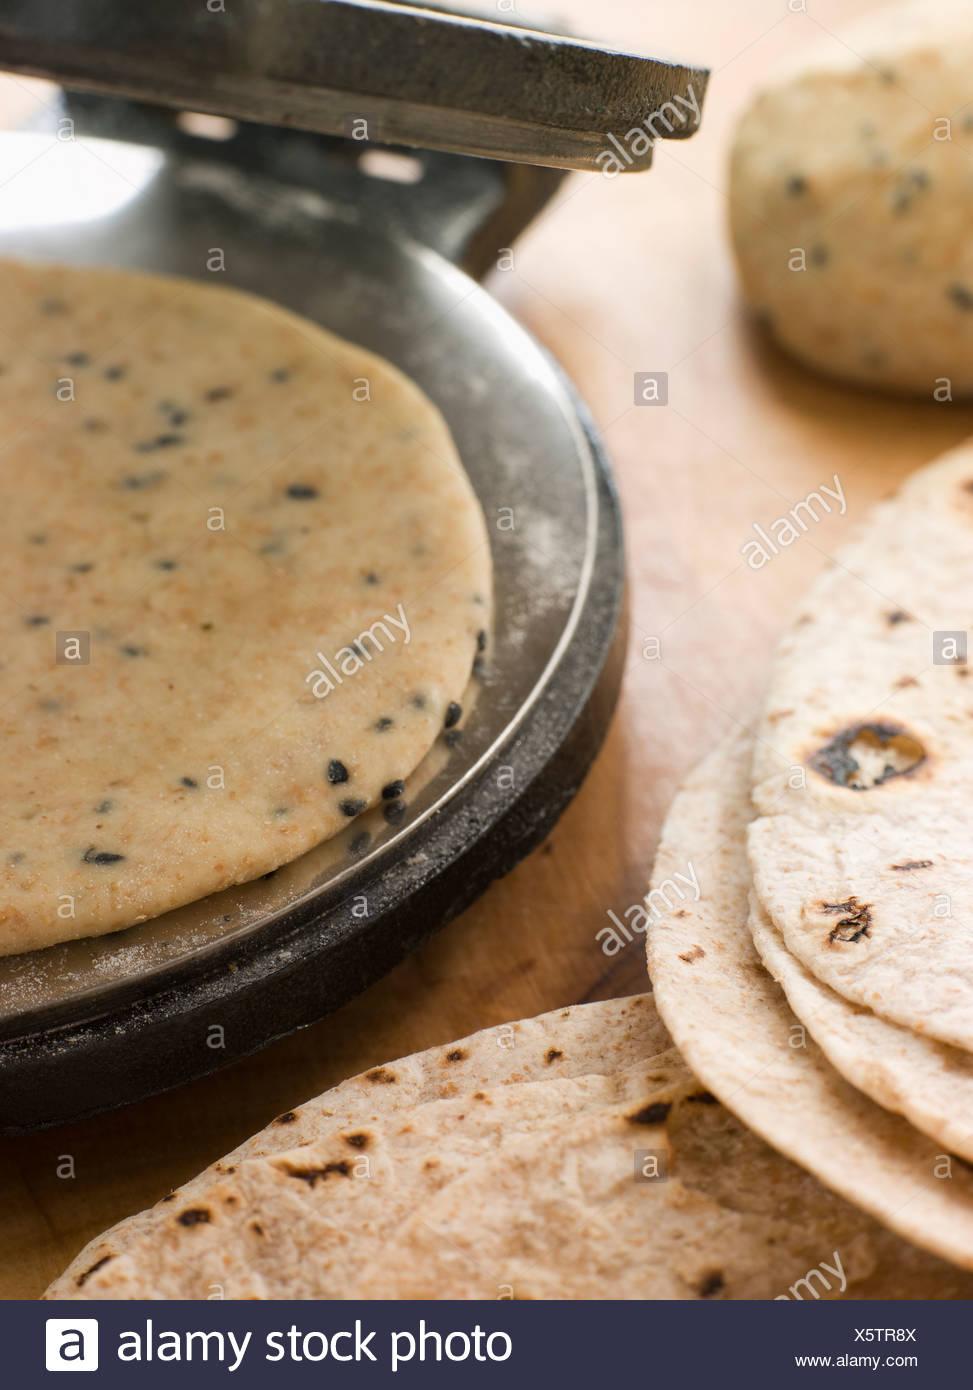 Chapatti Press with Chapatti Breads - Stock Image